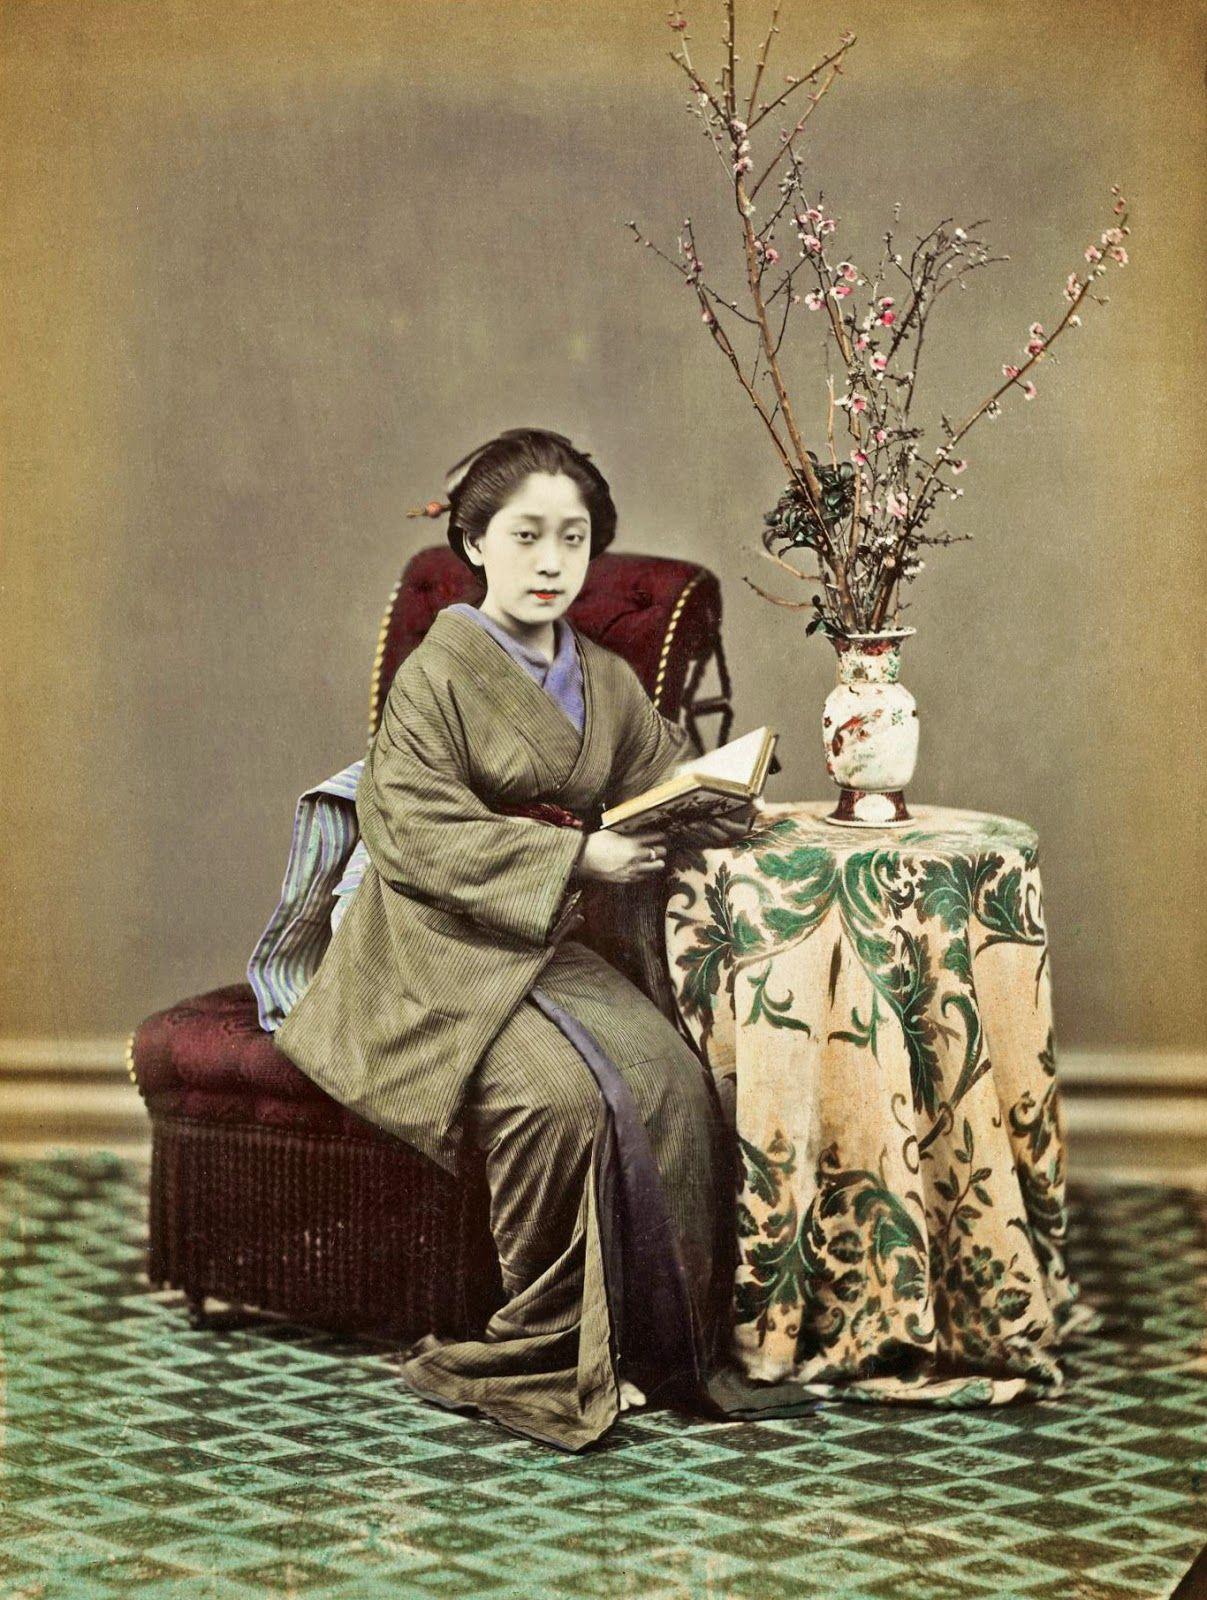 Woman reading a book near a vase with the sakura ikebana